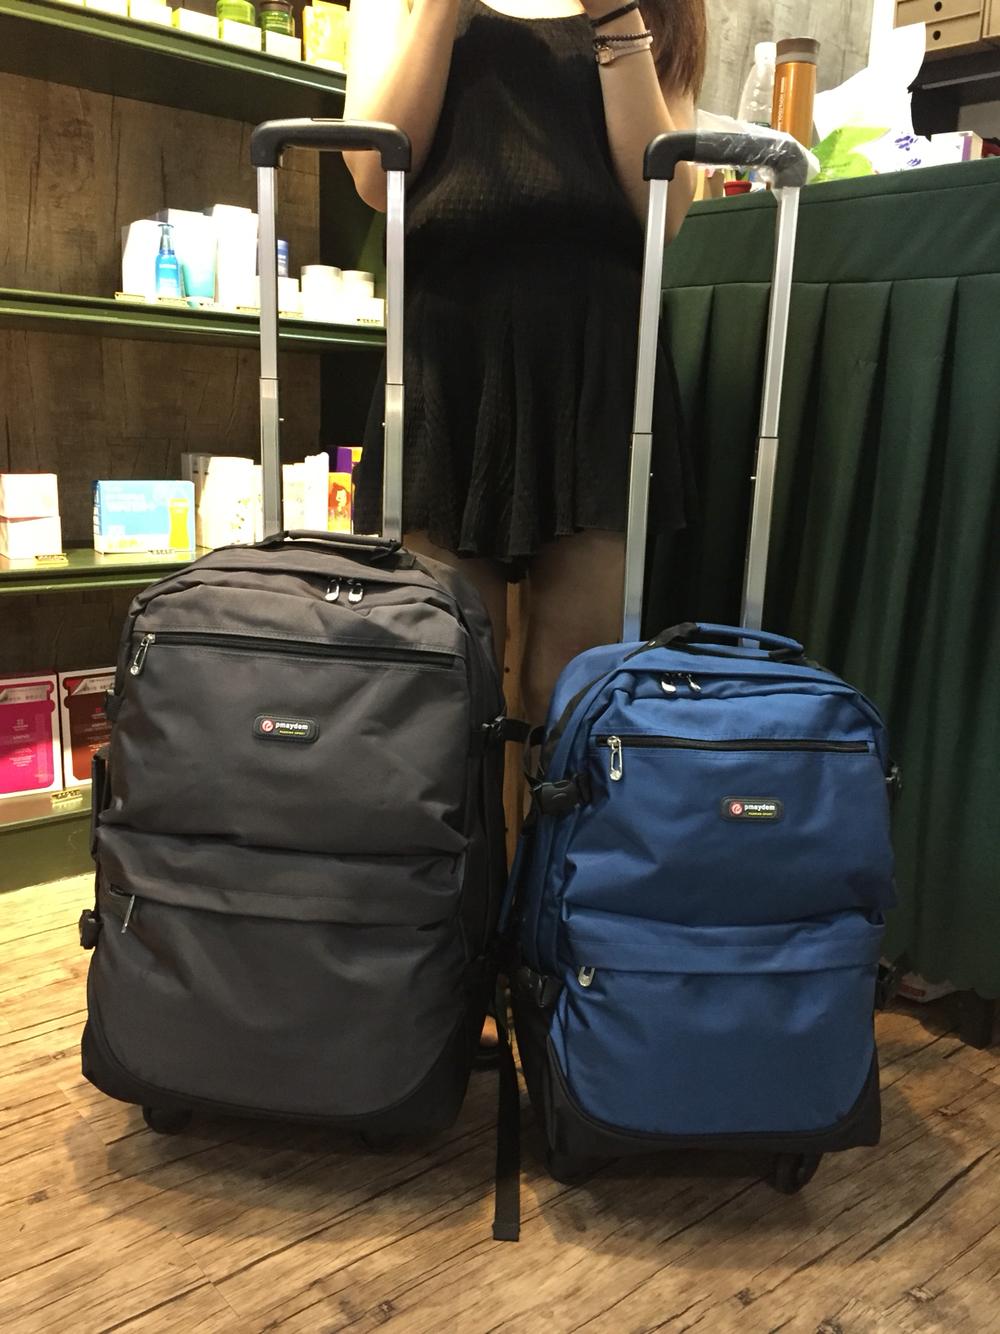 2019多功能拉桿箱雙肩拉包商務出差行李袋出國旅行登機箱學生書包